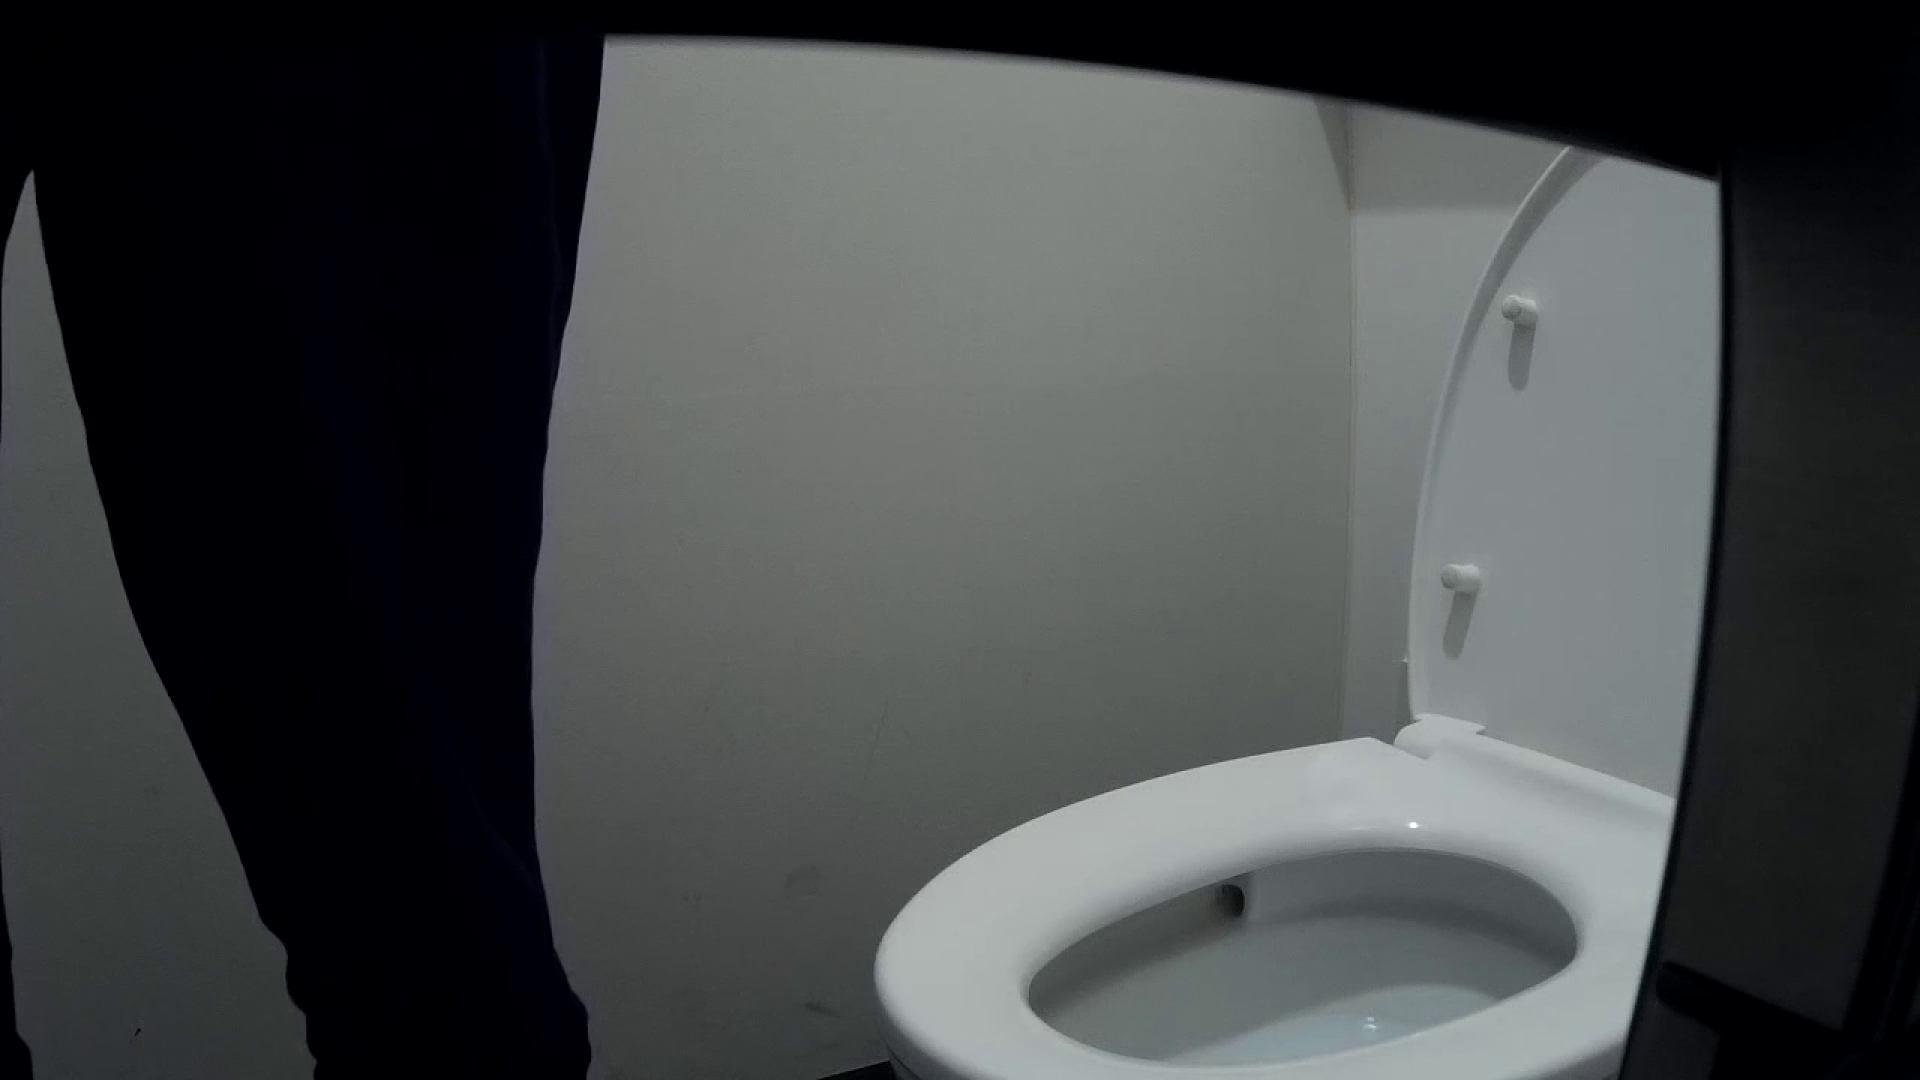 有名大学女性洗面所 vol.50 個室には3つの「目」があるみたいです。 排泄 AV動画キャプチャ 109枚 55